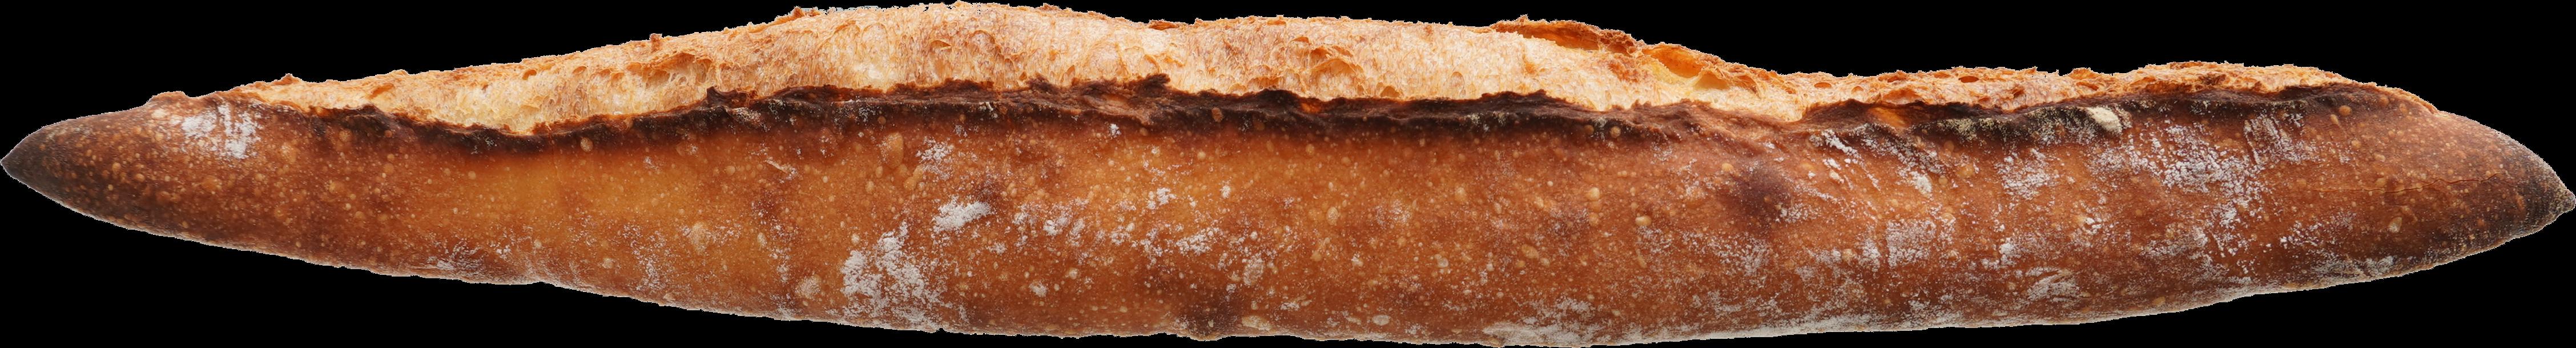 フランスパン|商用可フリー画像・背景透過